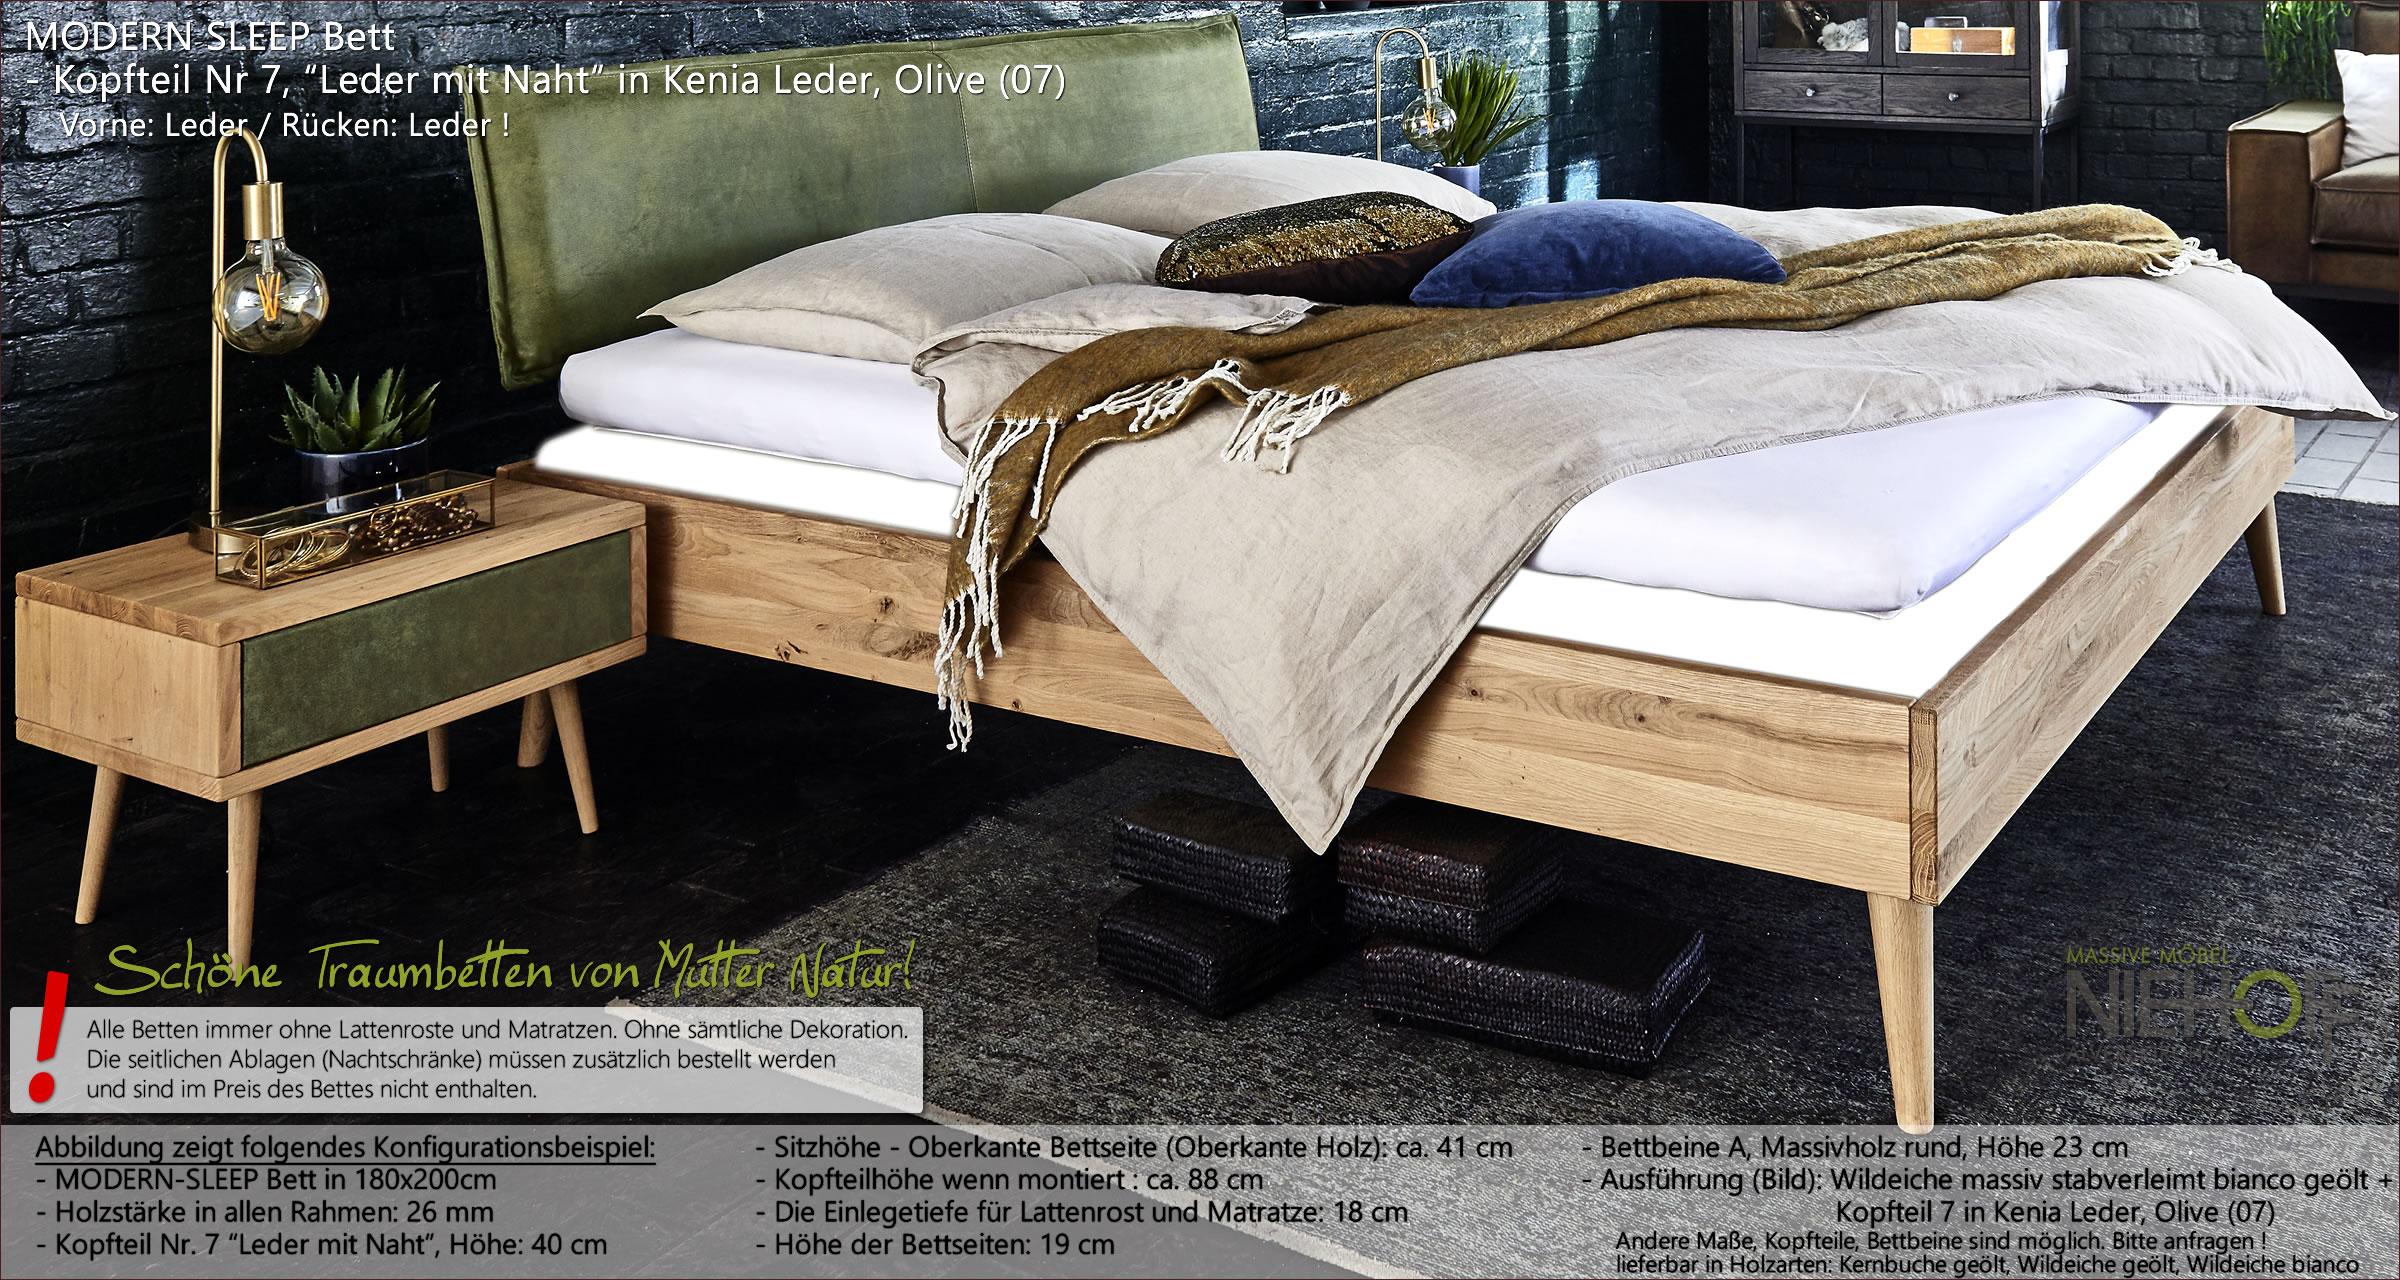 Full Size of Bett Modern Holz Leader 140x200 180x200 Eiche 120x200 Kaufen Design Modernes Massivholzbett Komplett Mit Lattenrost Und Matratze Stauraum Bettkasten 160x200 Wohnzimmer Bett Modern